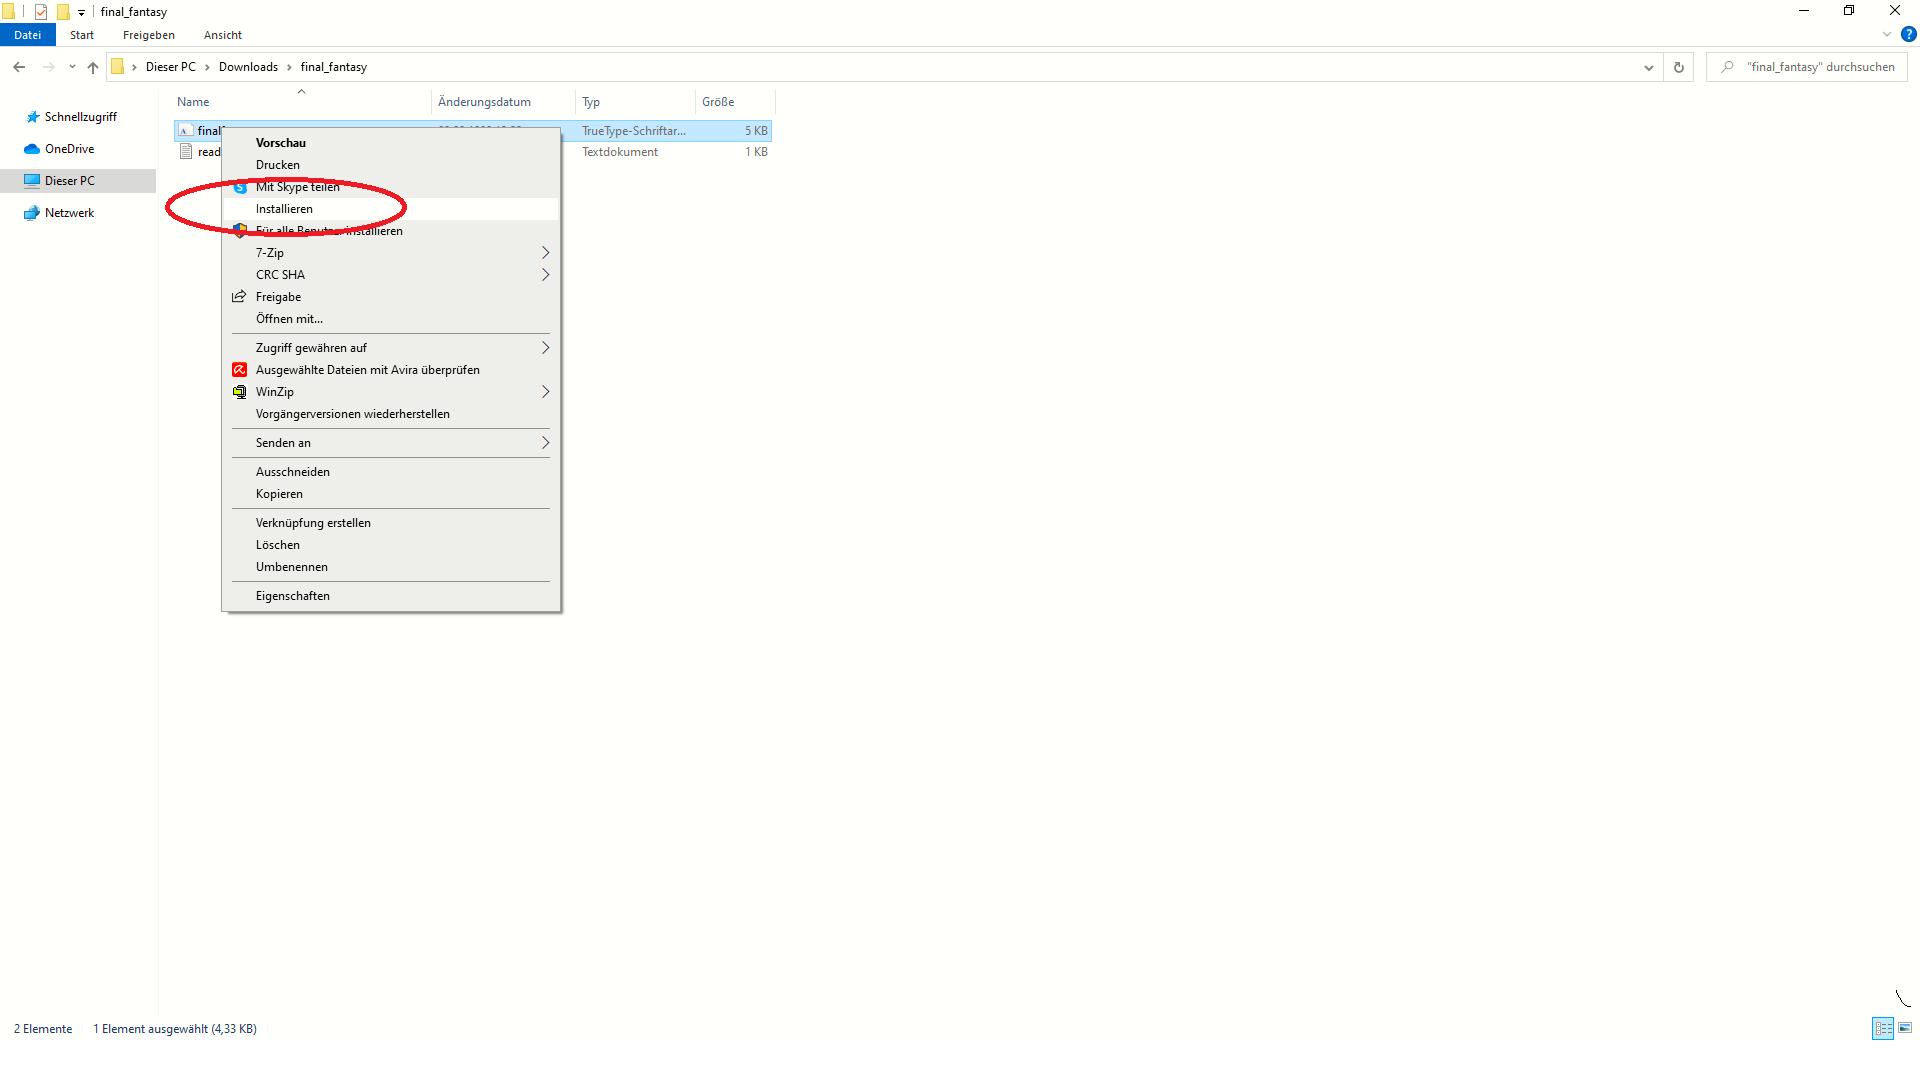 Dafont: Heruntergeladene Schriften lassen sich mit einem Rechtsklick auf die Datei installieren.